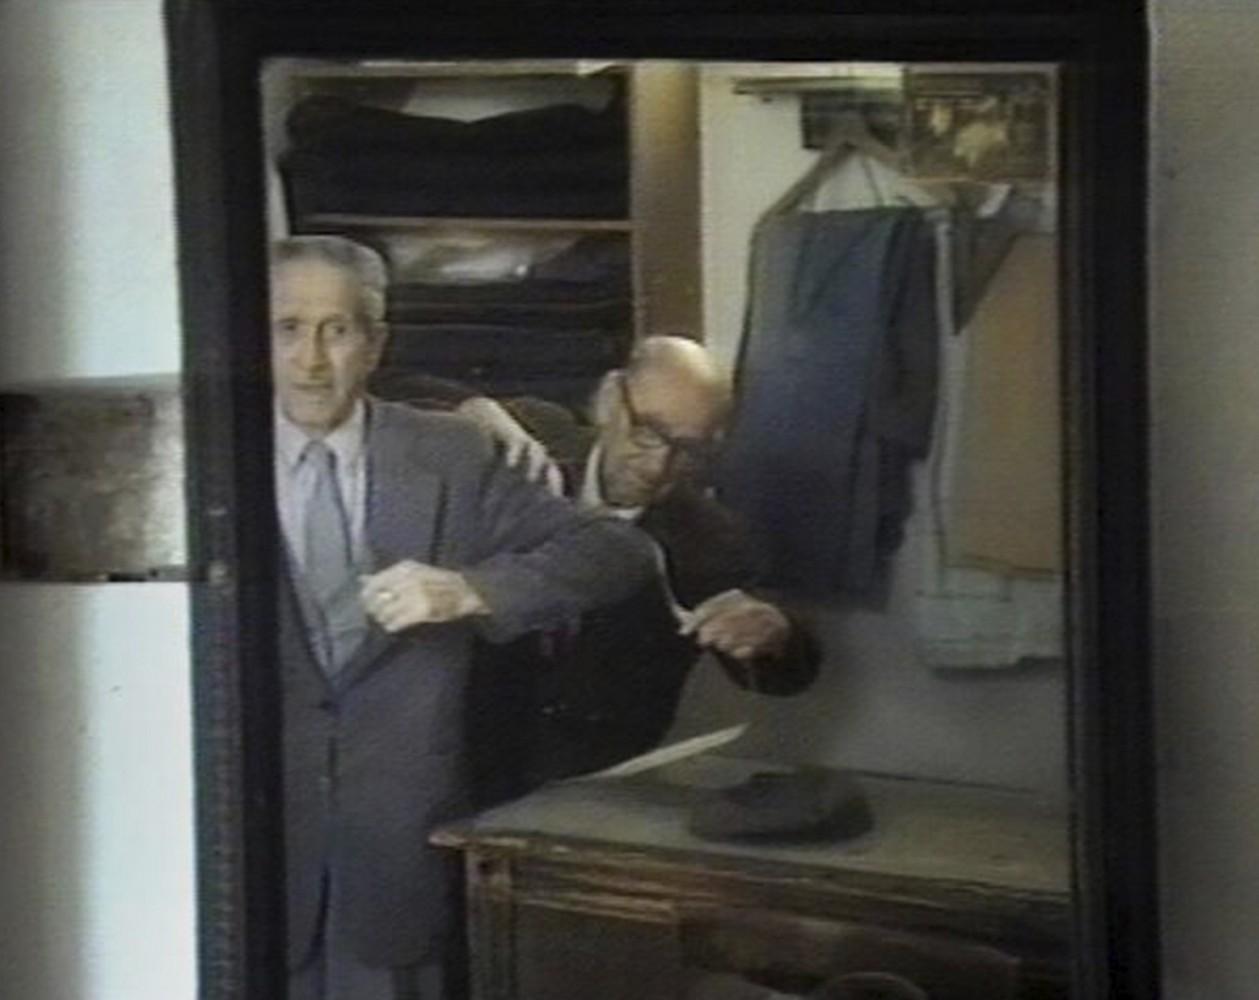 Εύα Στεφανή Μόνο άνδρες (από το έργο Ανάγλυφα), 2019 16 mm, Hi8, VHS-C, HDV, έγχρωμο, με ήχο, 70΄